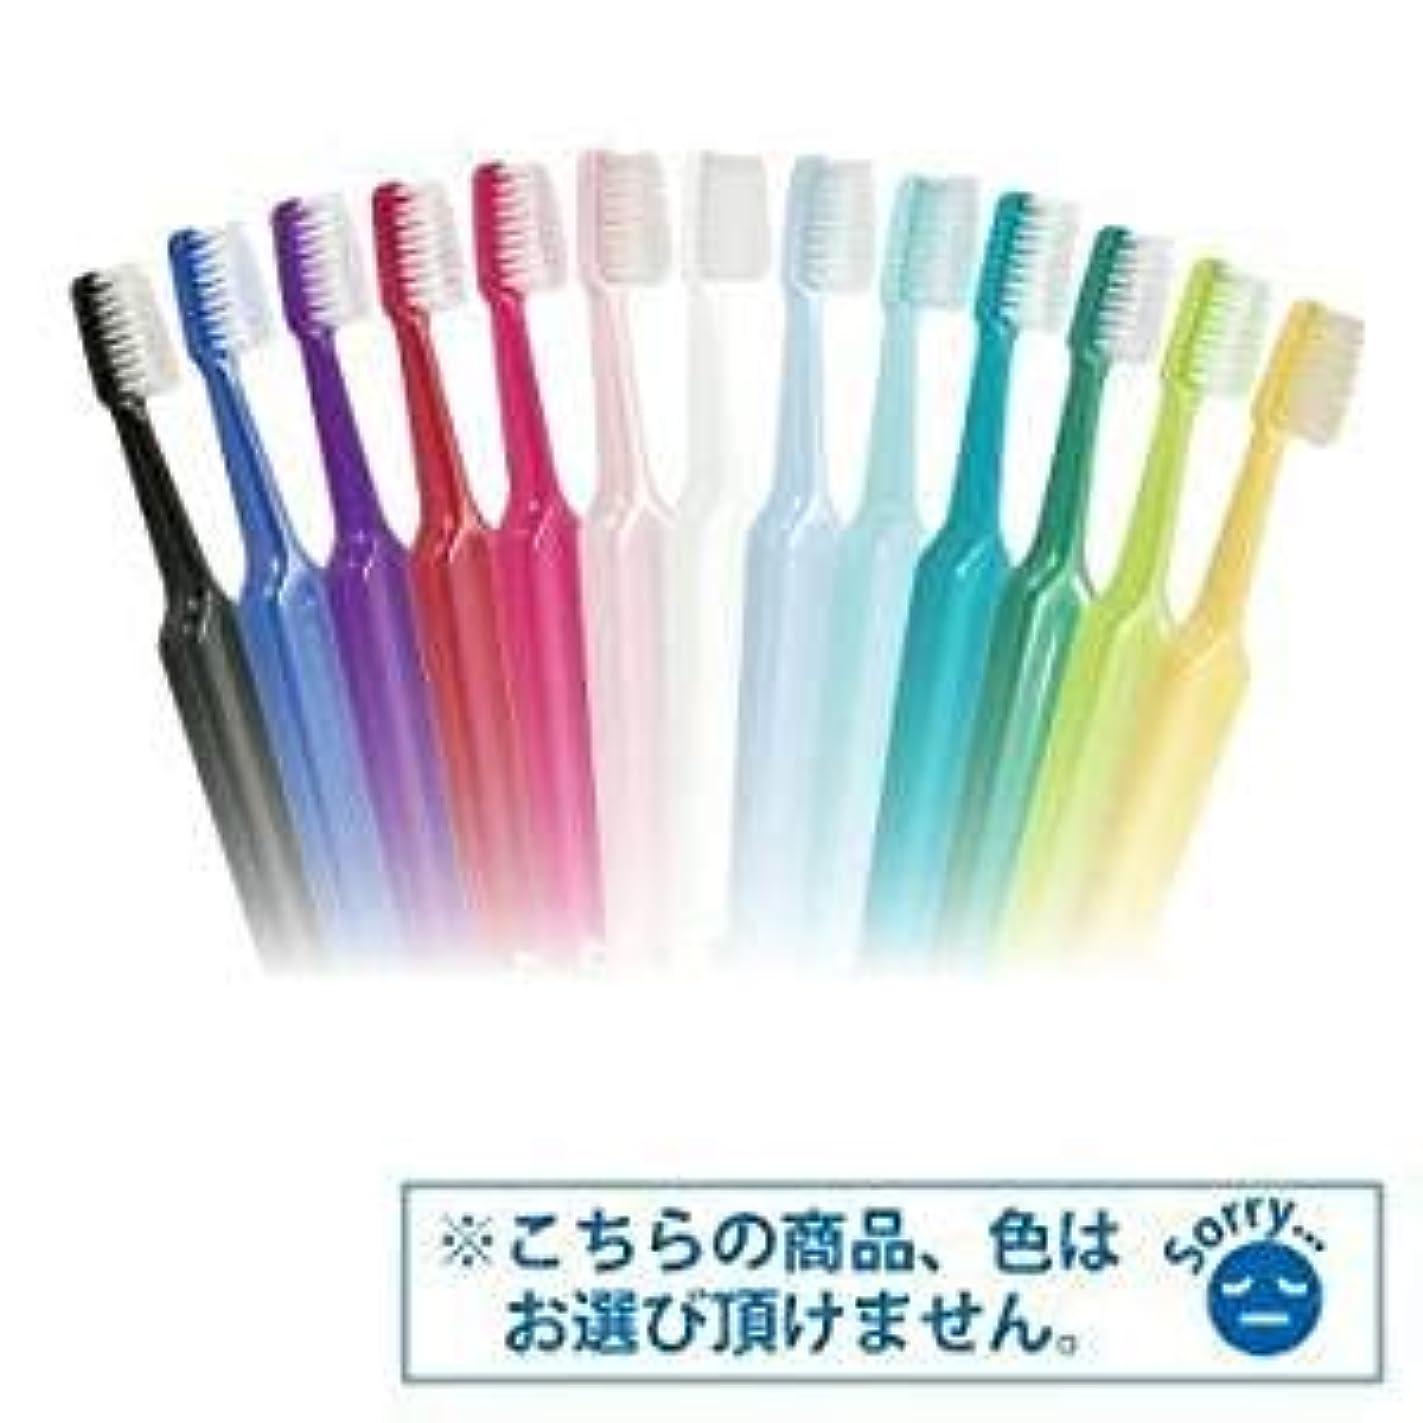 複製する余韻勧告Tepe歯ブラシ セレクトコンパクト /X-ソフト 10本入り